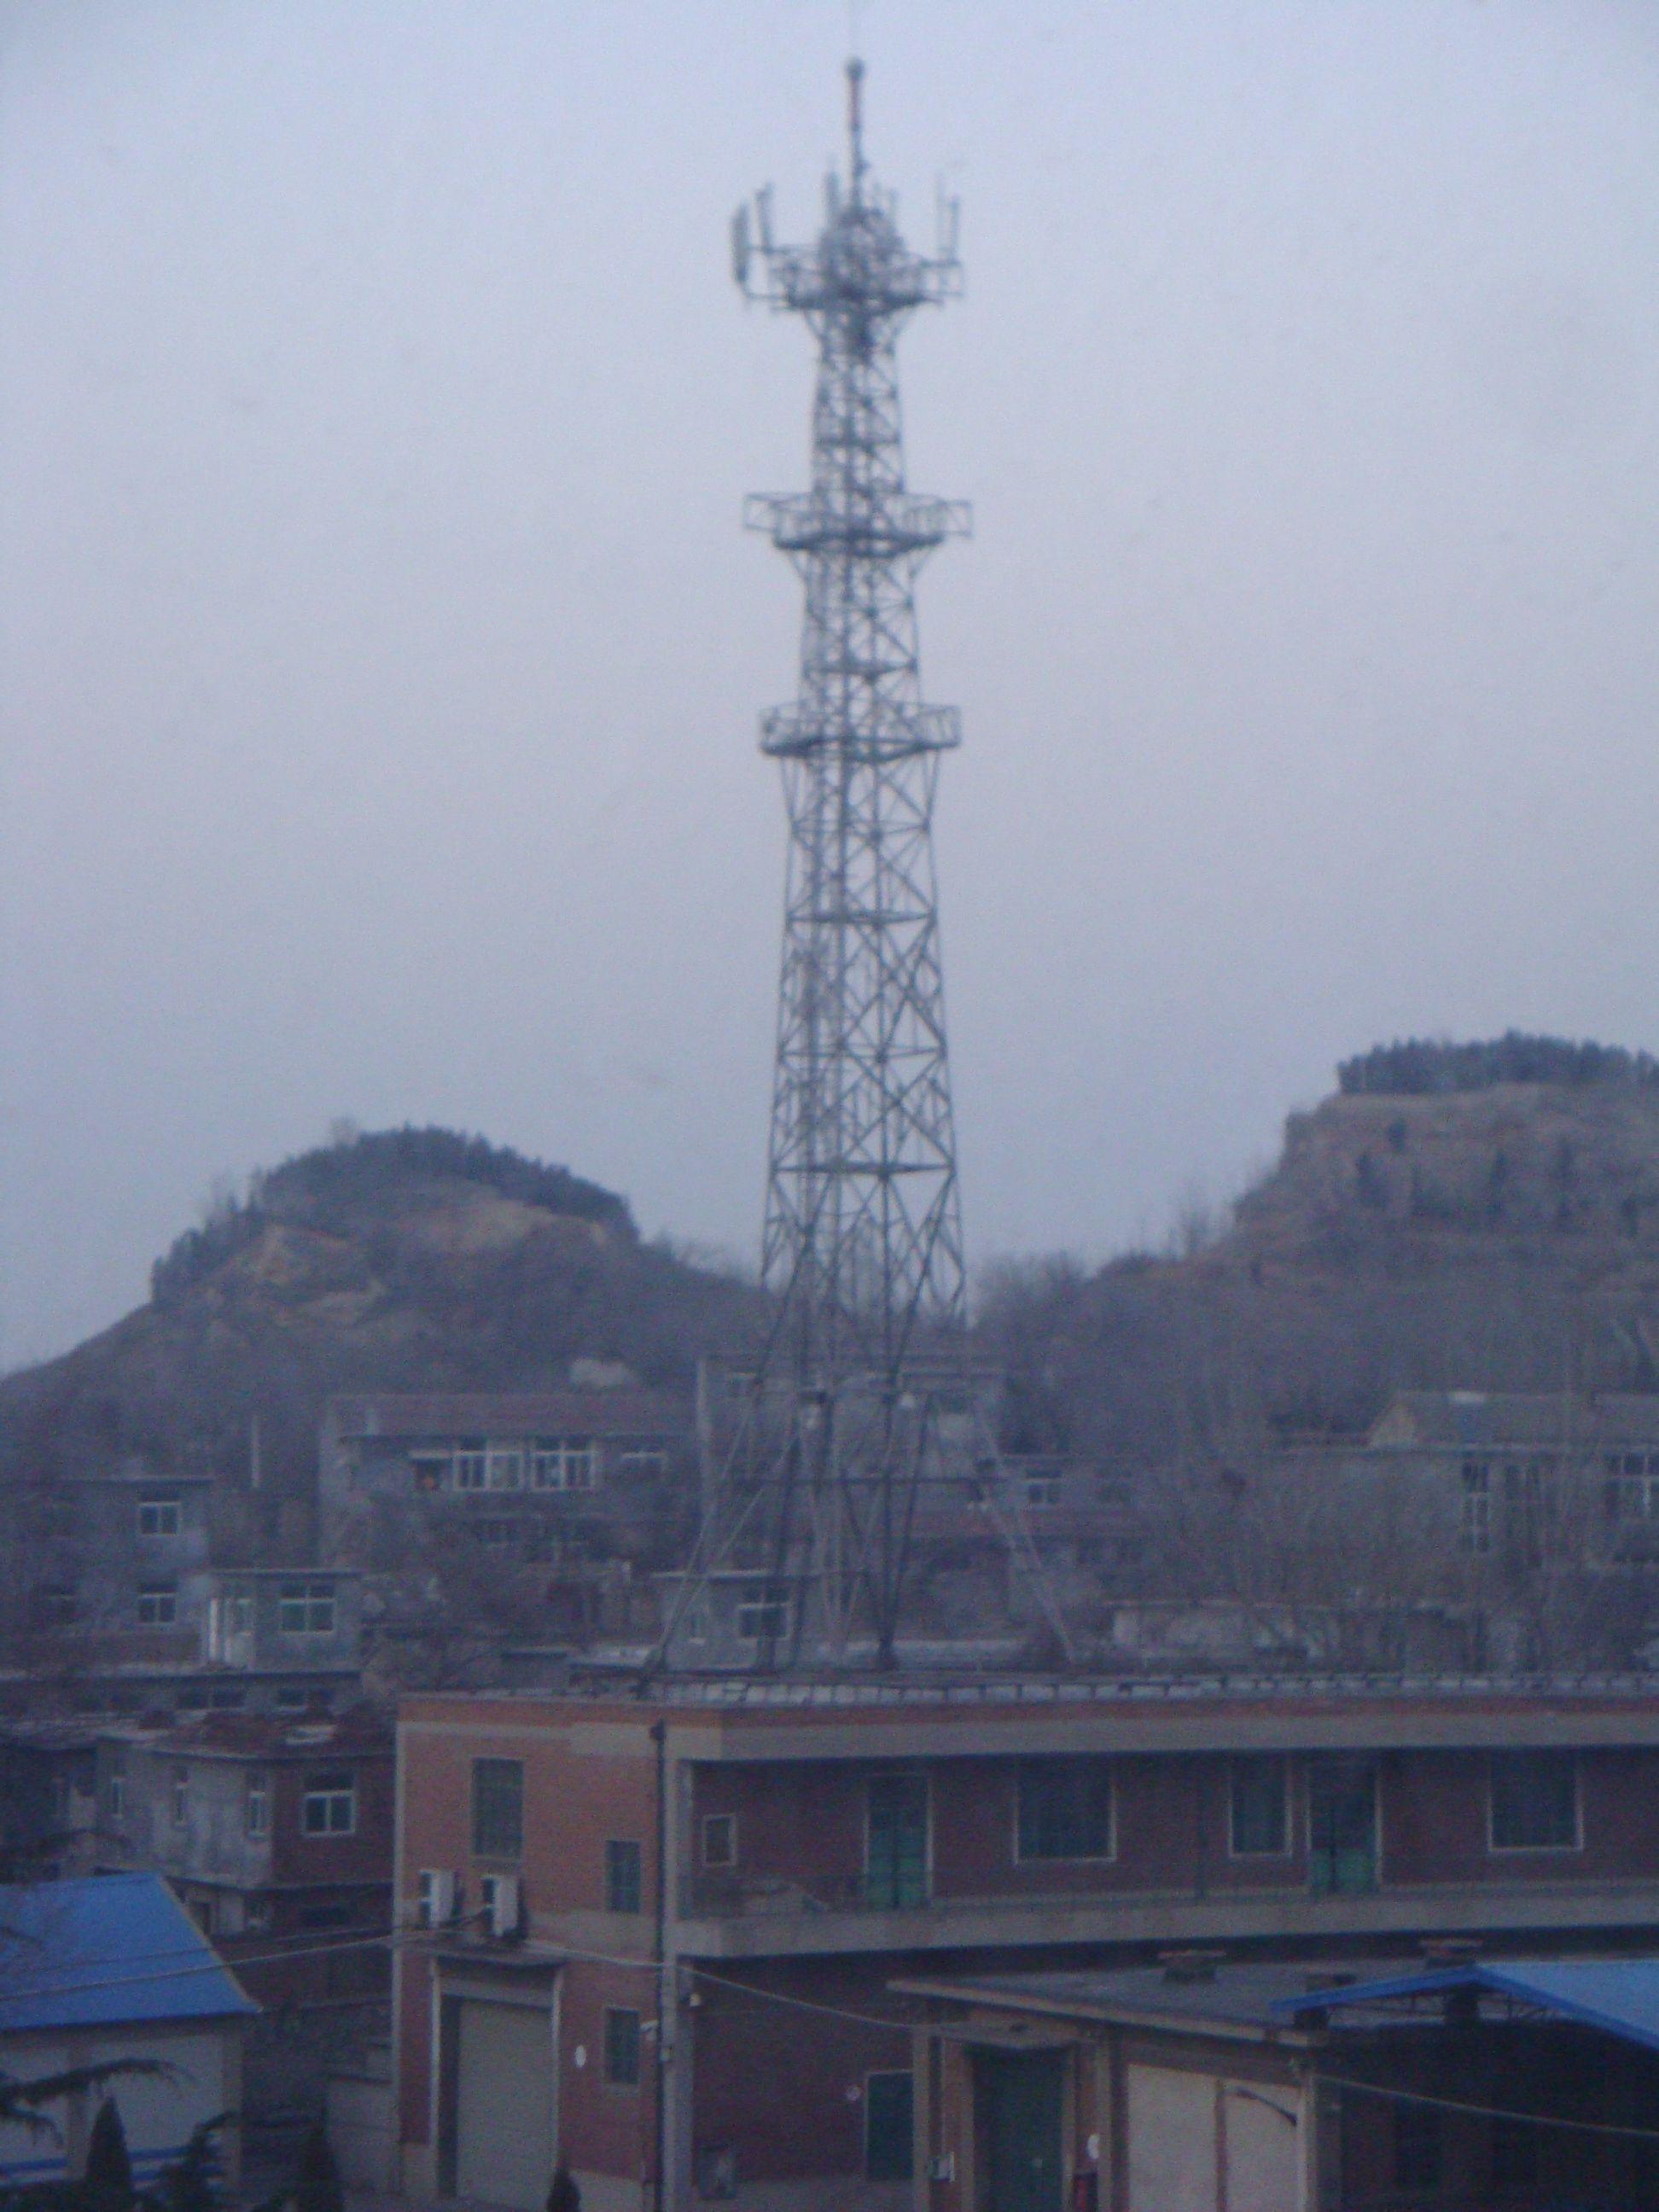 信号发射塔安全距离_信号塔500米内辐射最大-信号塔对人的危害/移动塔有辐射安全距离 ...